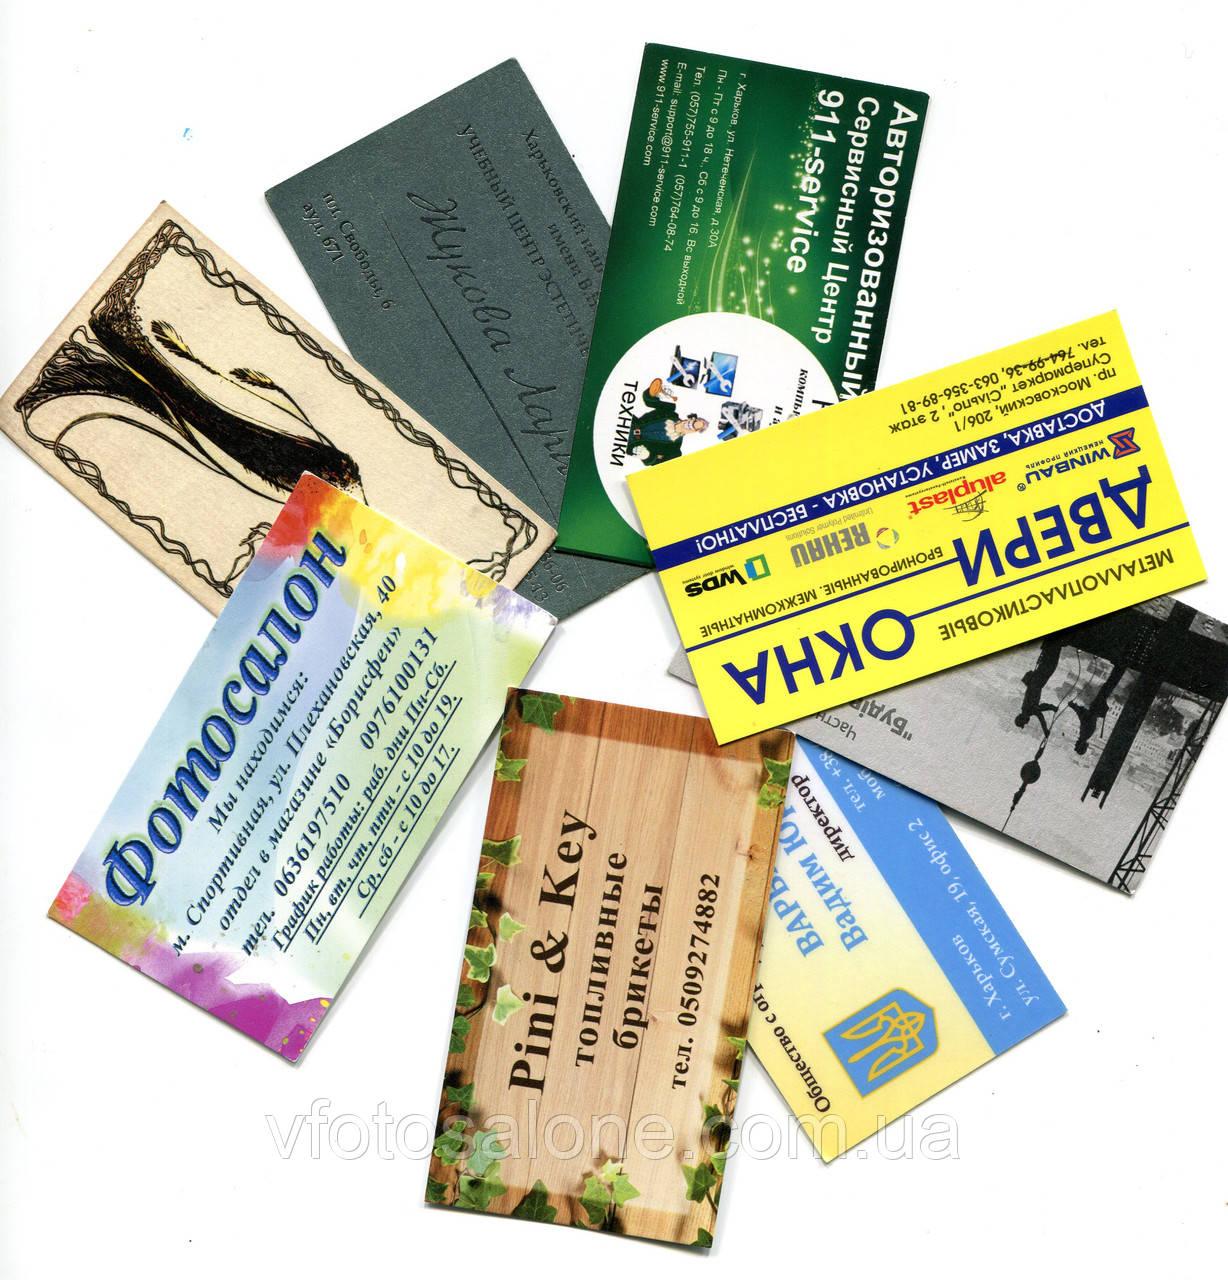 Визитки трафаретная печать - Фотосалон в Харькове